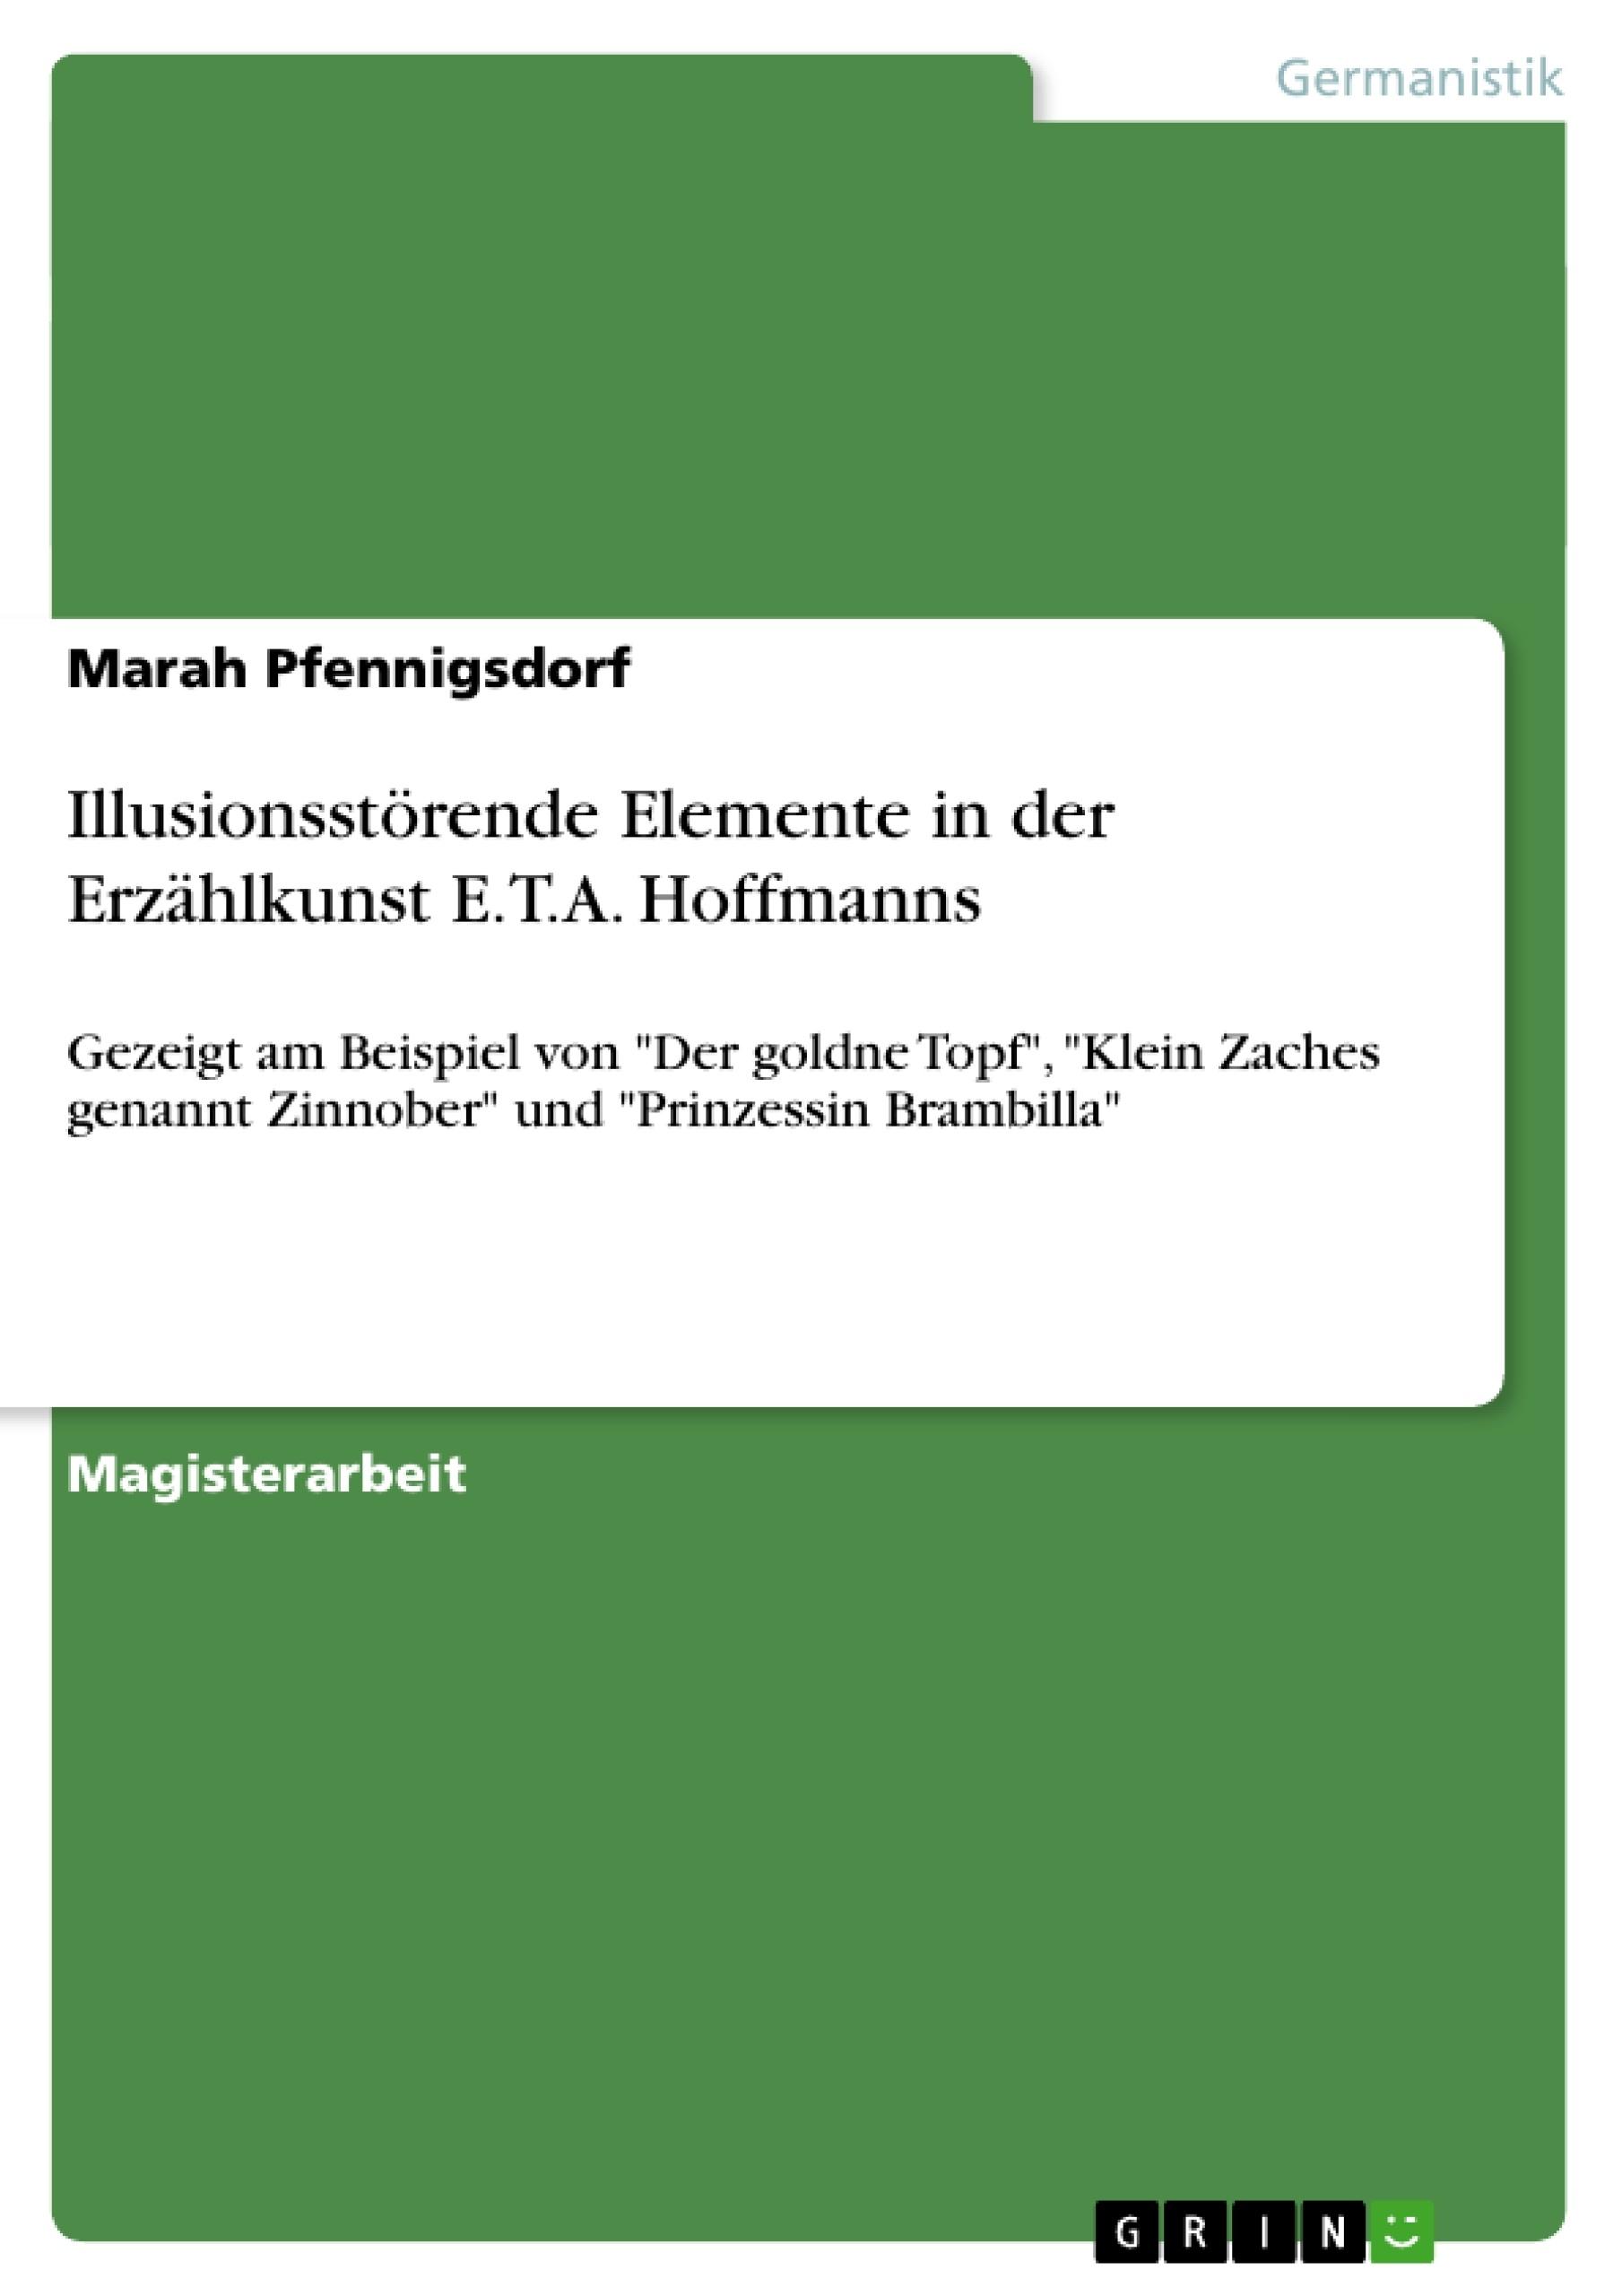 Titel: Illusionsstörende Elemente in der Erzählkunst E.T.A. Hoffmanns